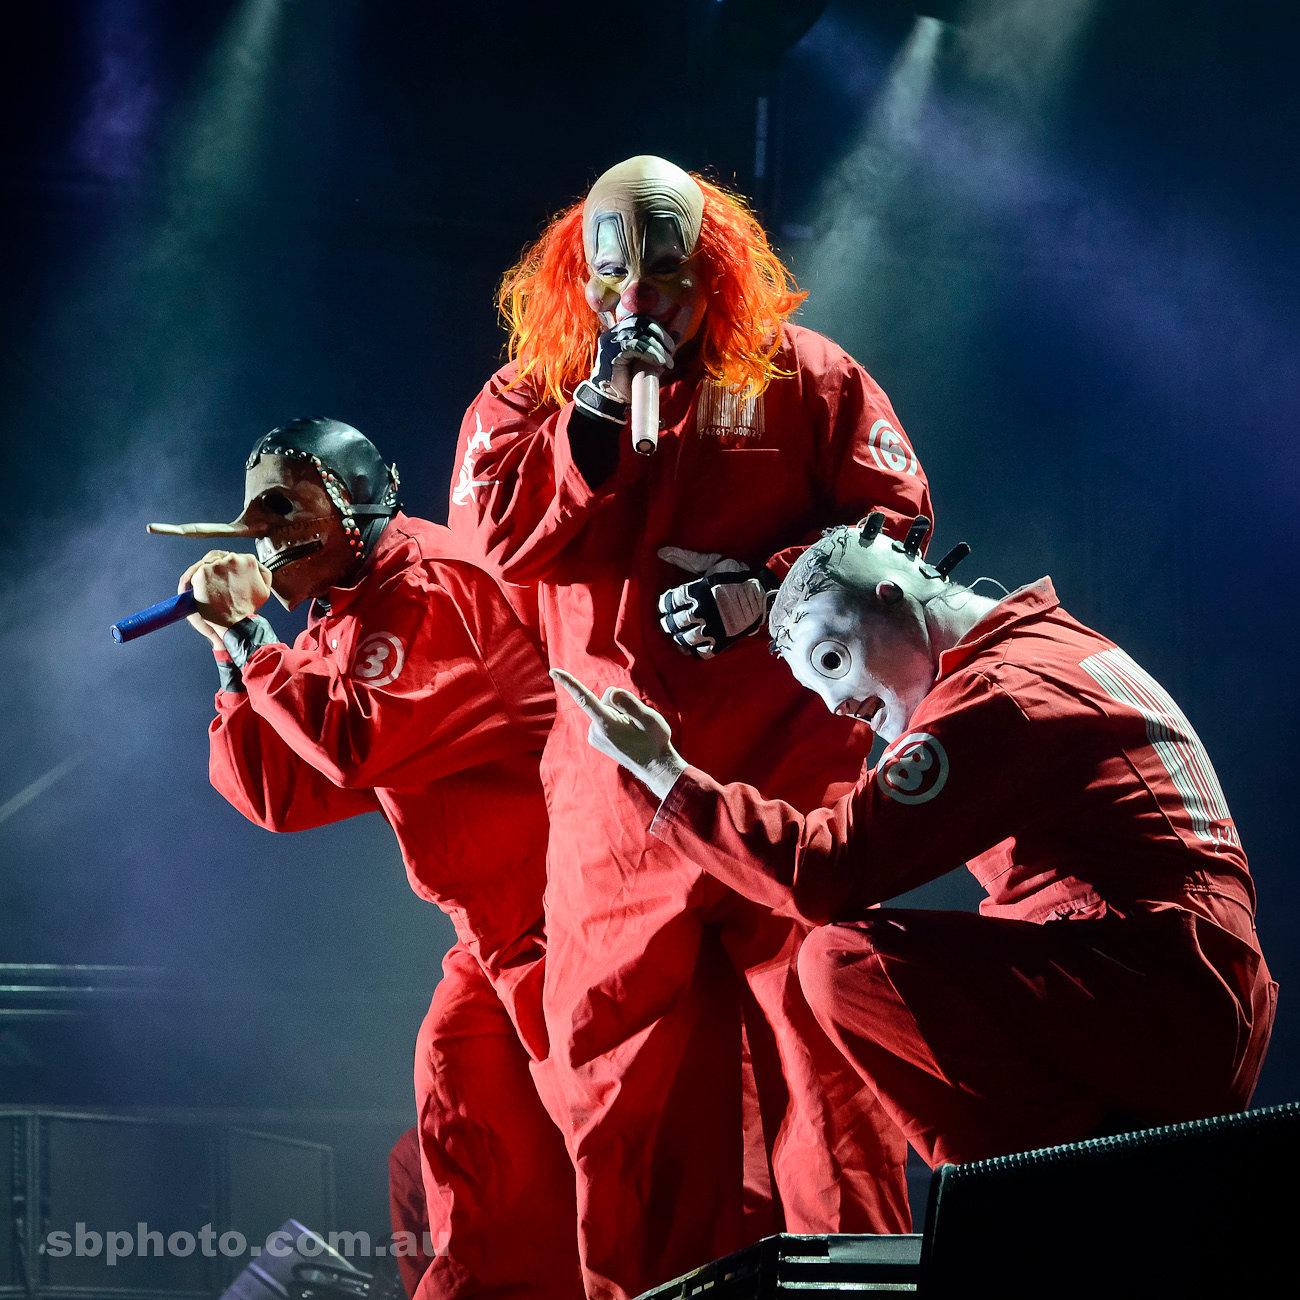 Slipknot - 2012